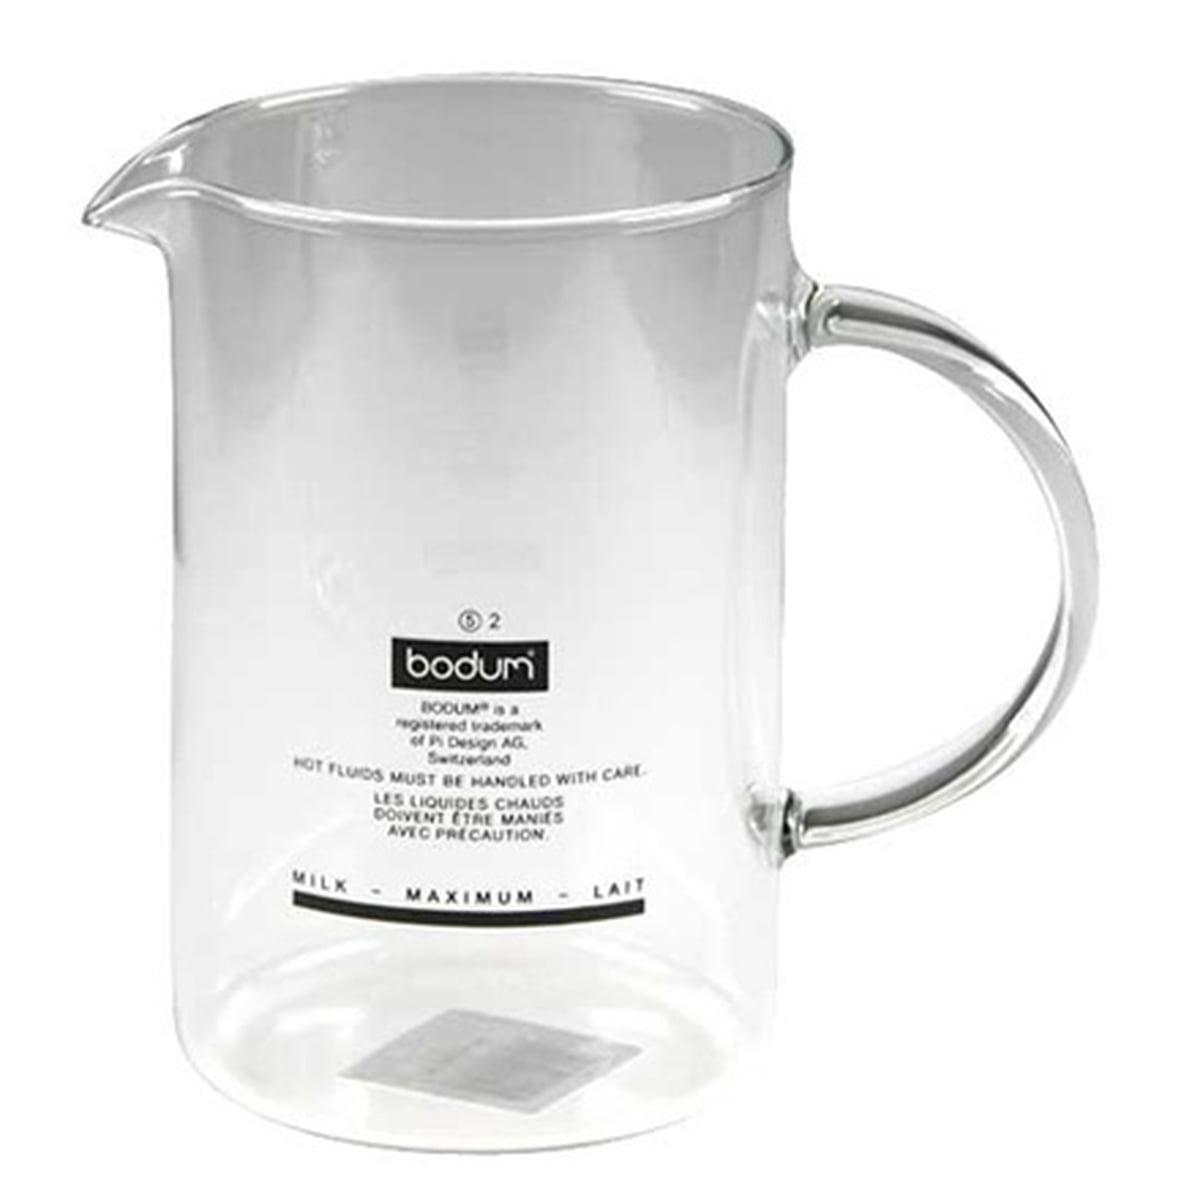 Bodum - SPARE GLASS zu Chambord und Latteo Milchaufschäumer | Küche und Esszimmer > Kaffee und Tee > Milchaufschäumer | Transparent -  durchsichtig | Bodum